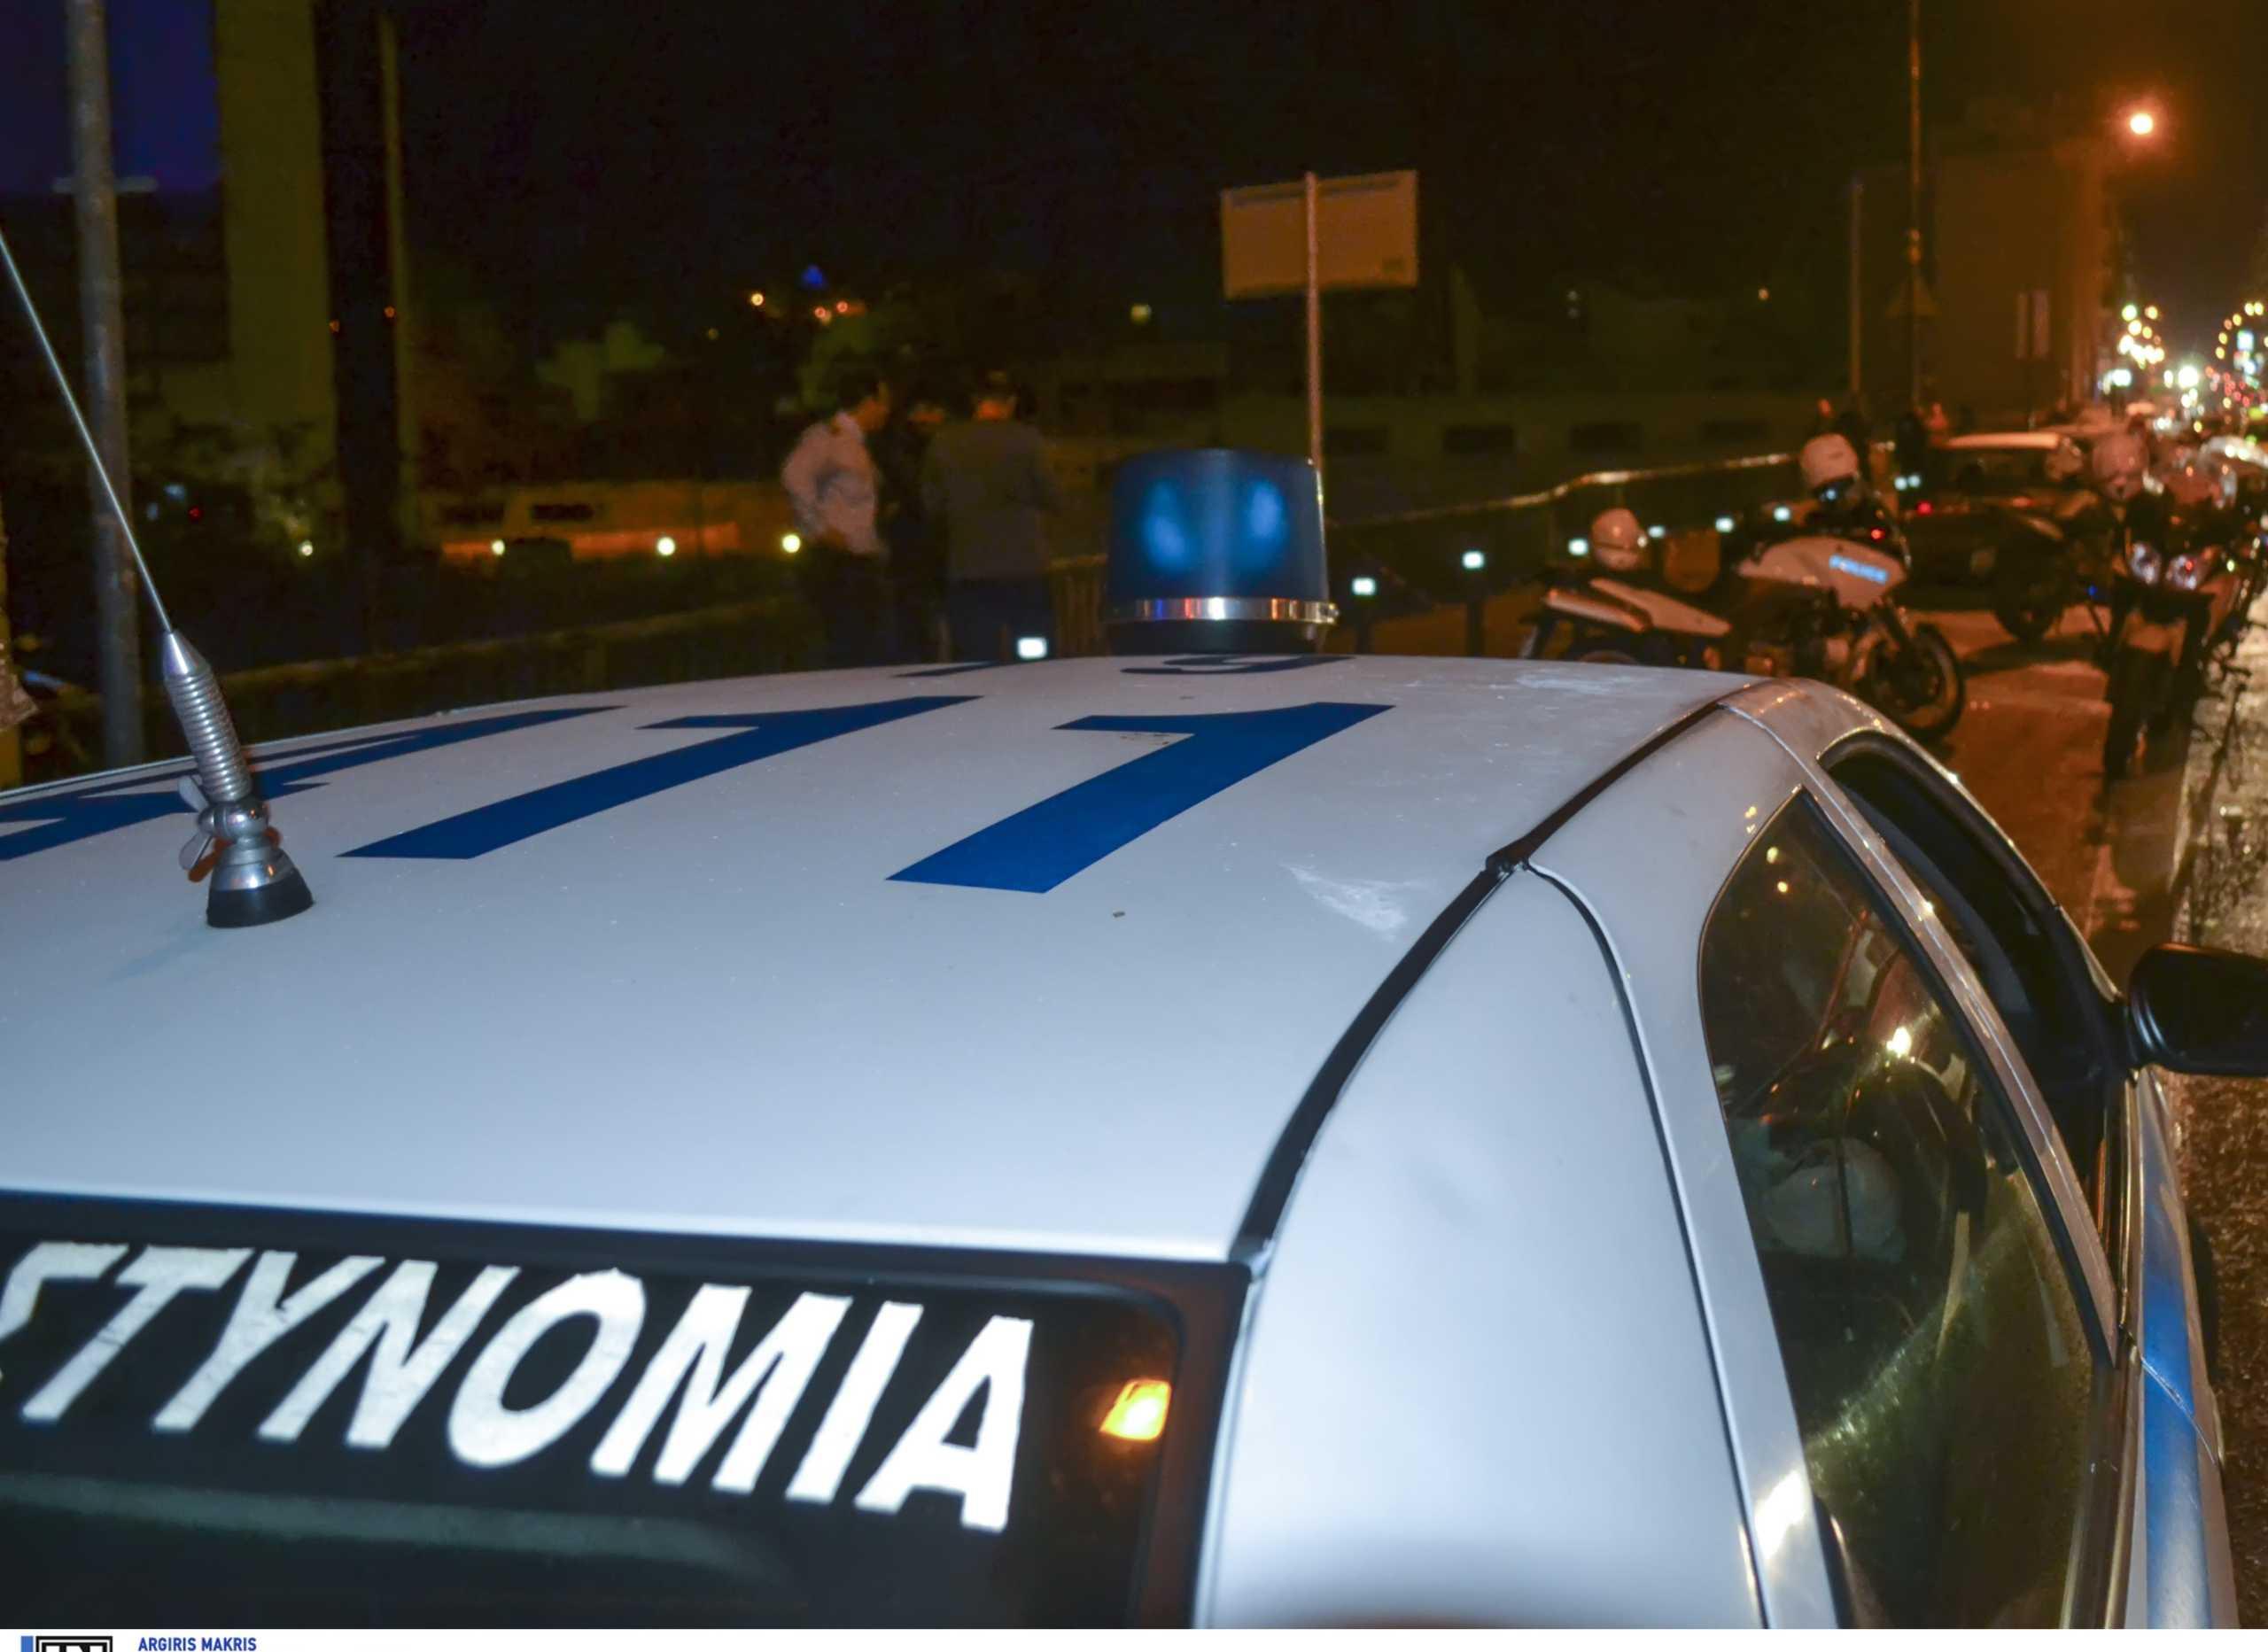 """Θεσσαλονίκη: Ανάληψη ευθύνης της επίθεσης σε εταιρία αμερικανικών συμφερόντων – """"Για τον Φλόιντ…"""""""